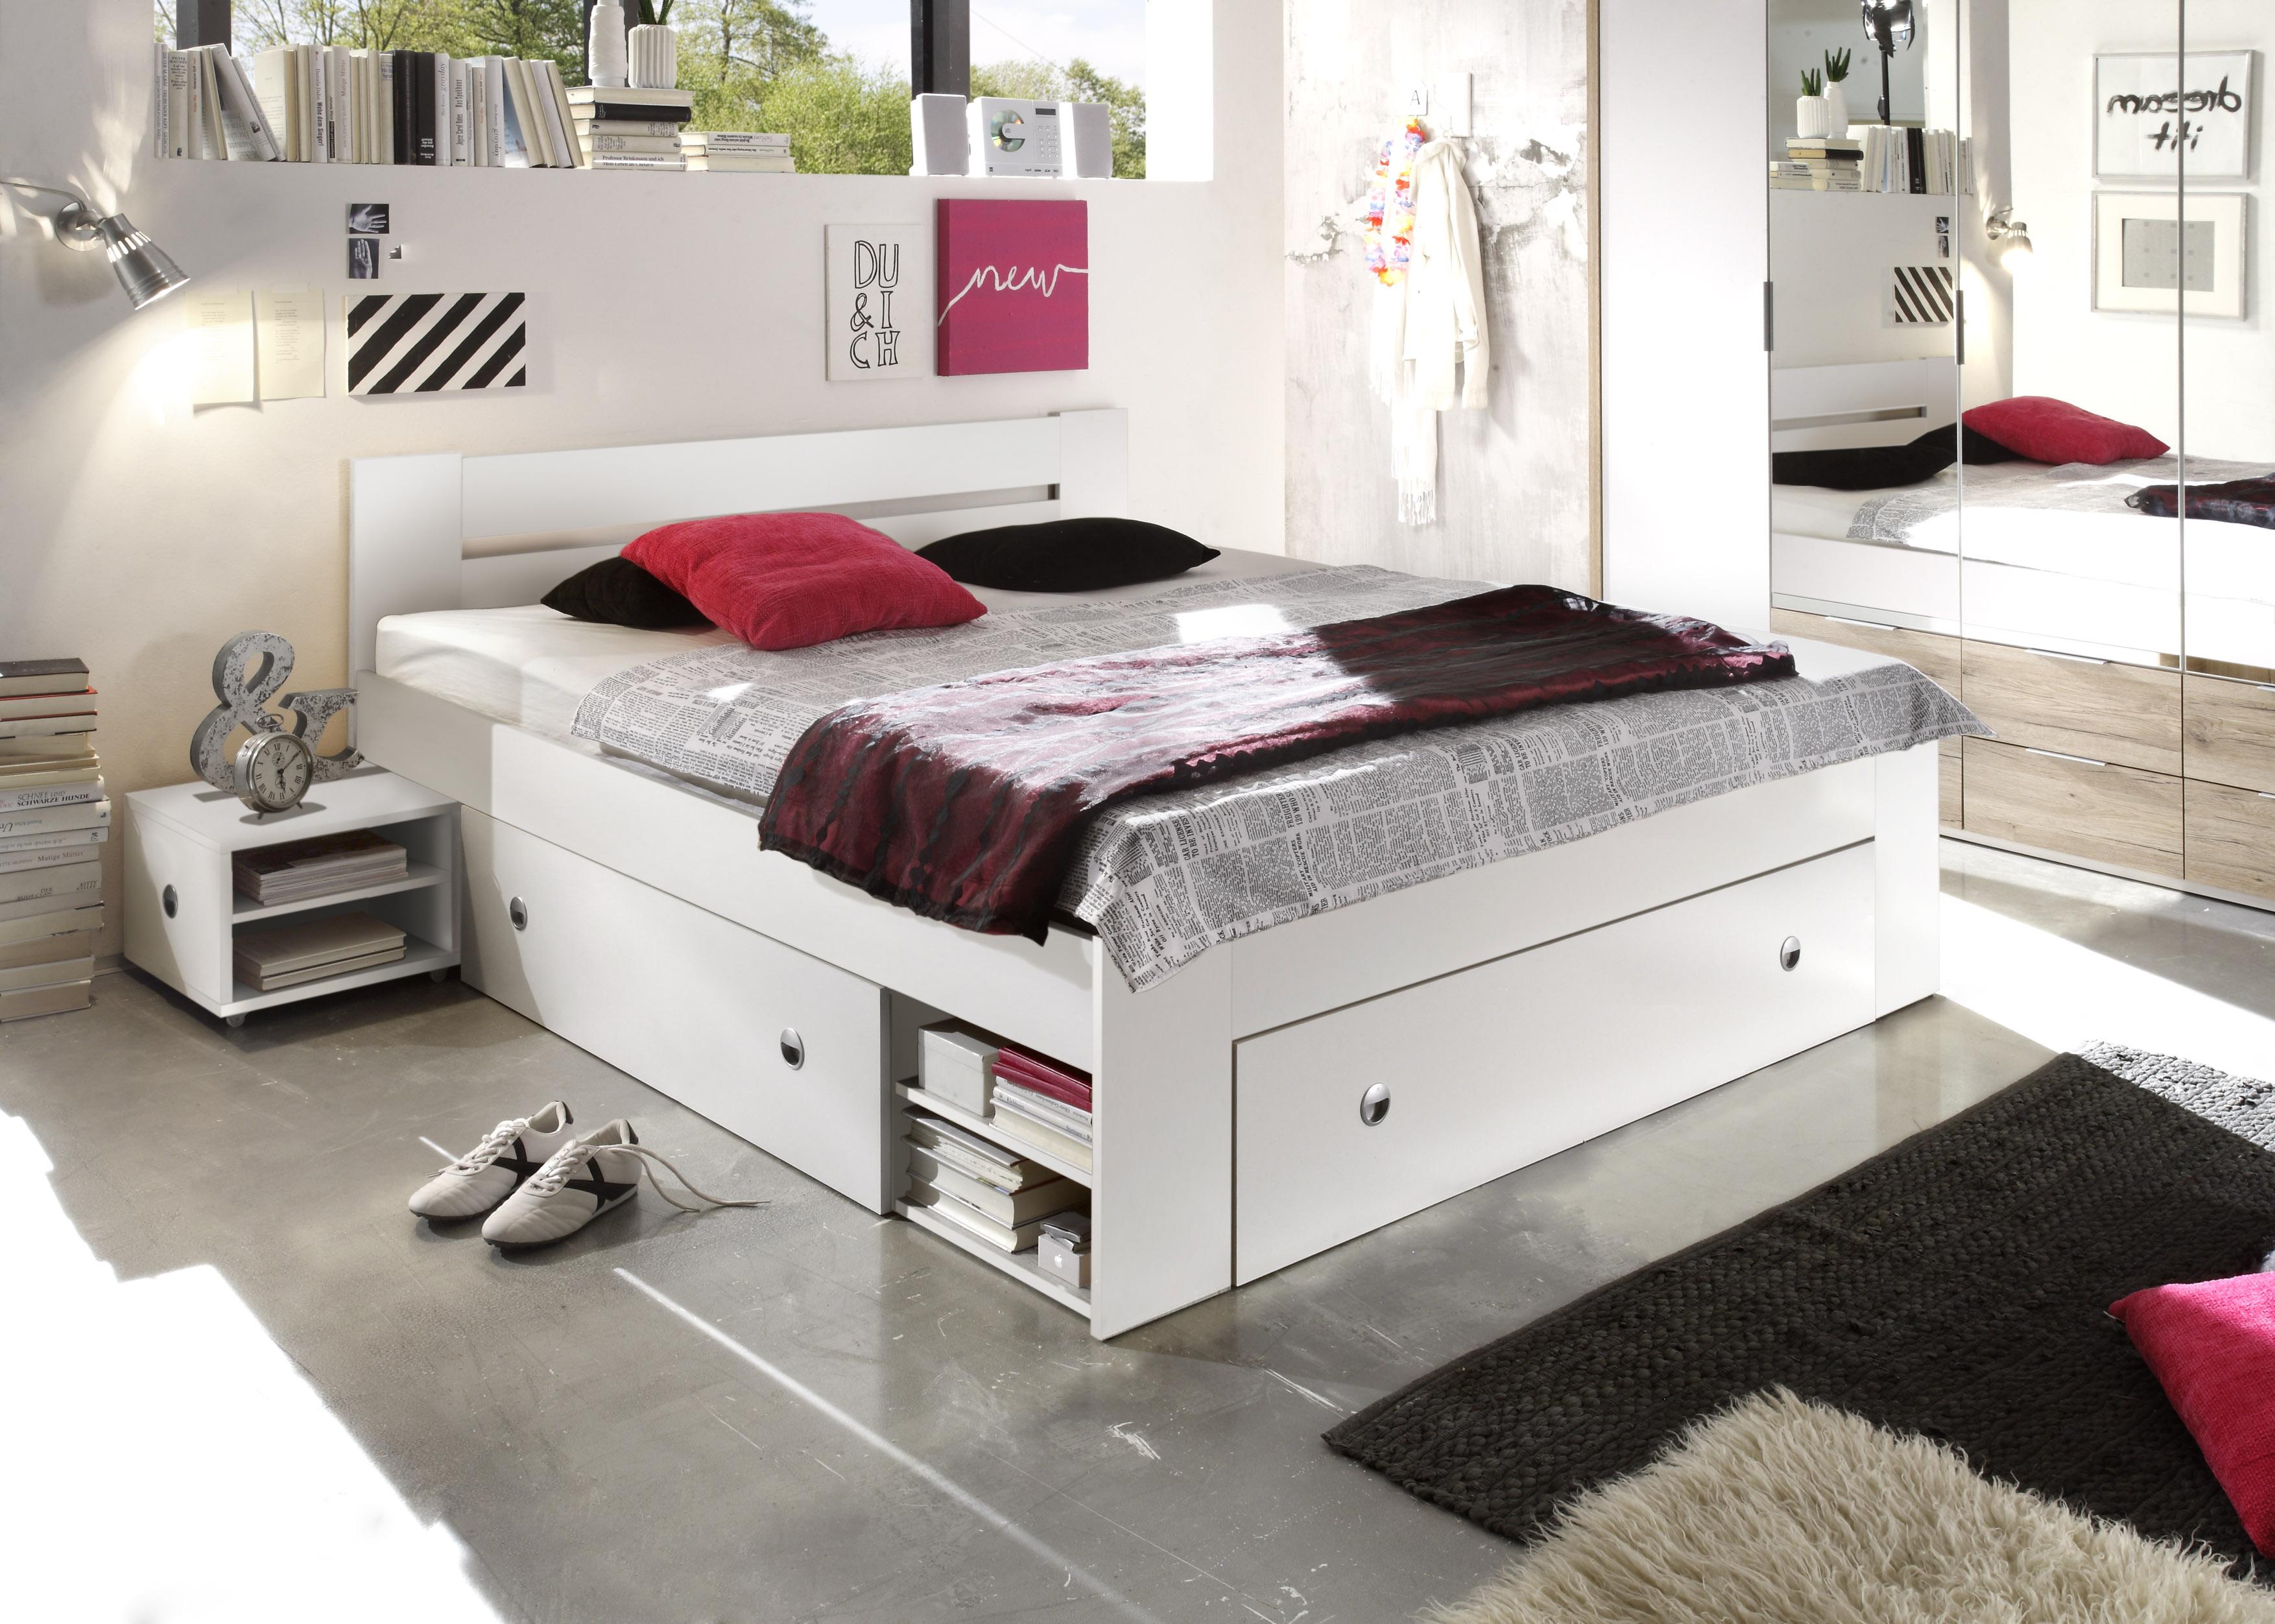 Details zu Doppelbett mit Nachtkommoden Bett 180 x 200 cm Ehebett weiß  Bettkasten